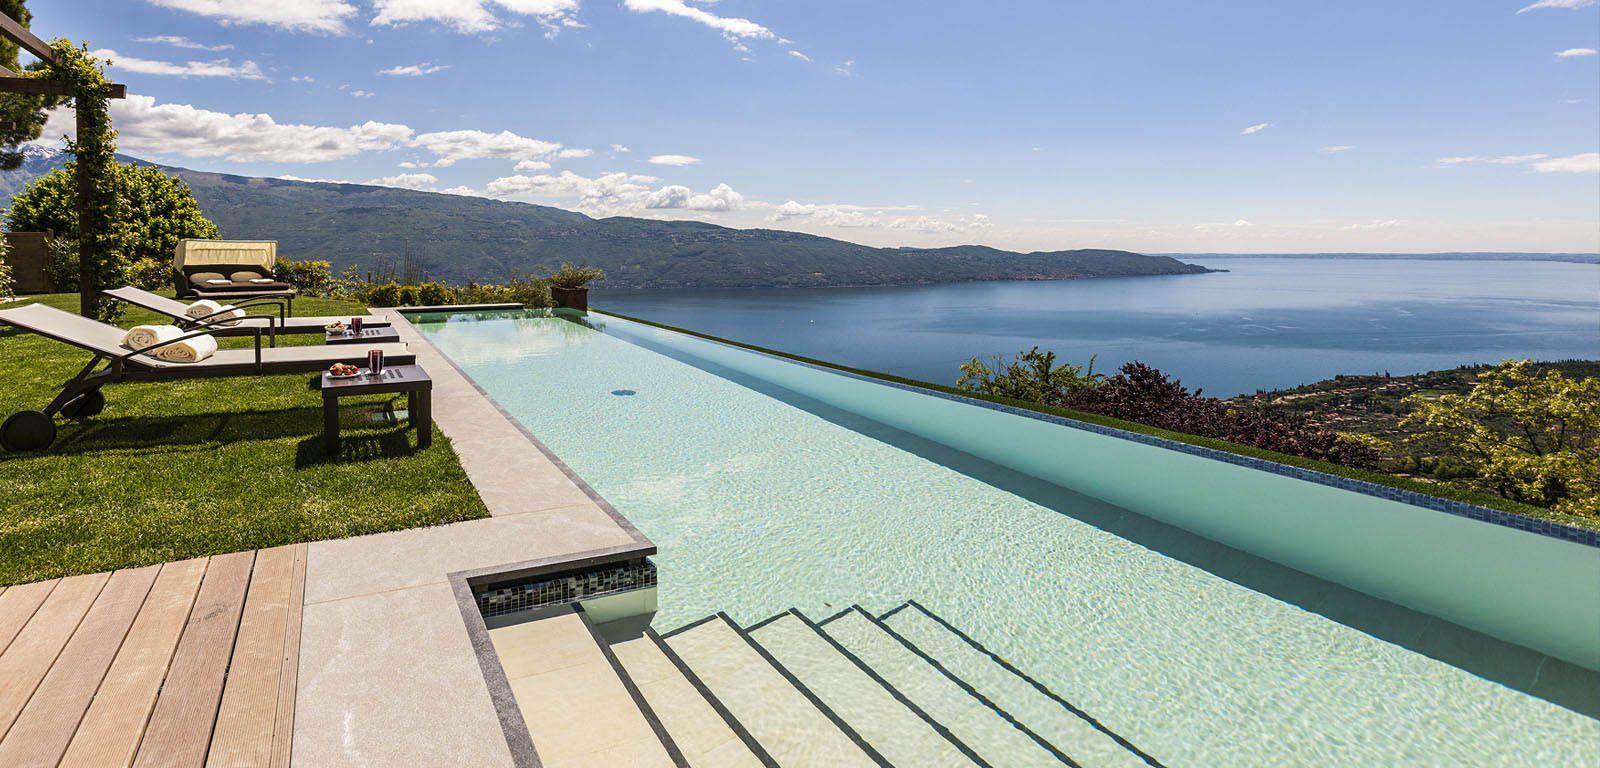 Piscine Sfioro A Cascata piscina-sfioro-cascata-2 (1600×768) | piscine, lago, hotel